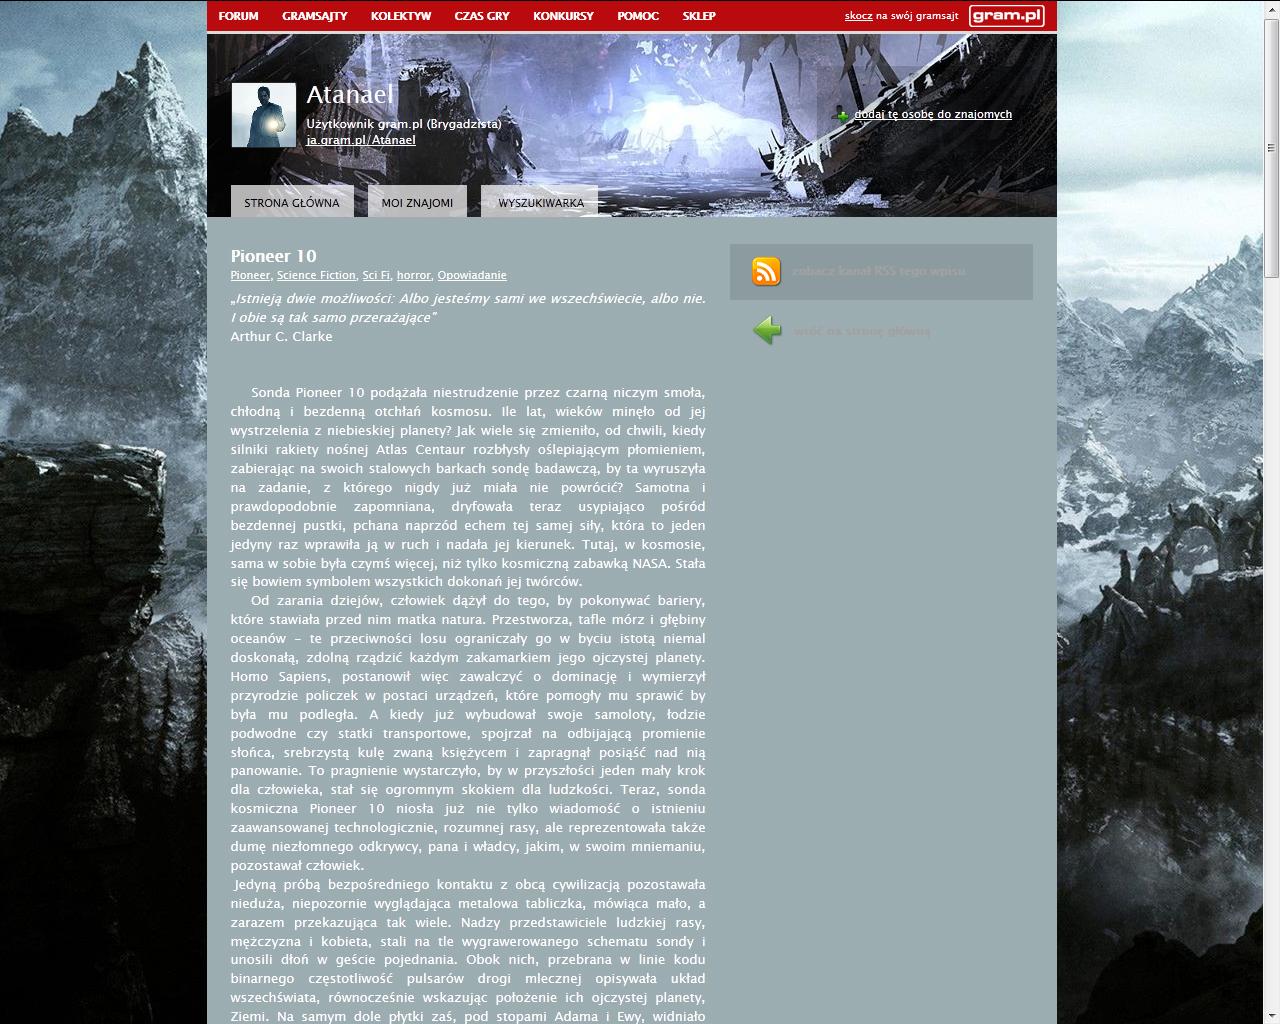 Co w gramsajtach piszczy #113 - O World of Warcraft, Hatred i Katawa Shoujo! - obrazek 5